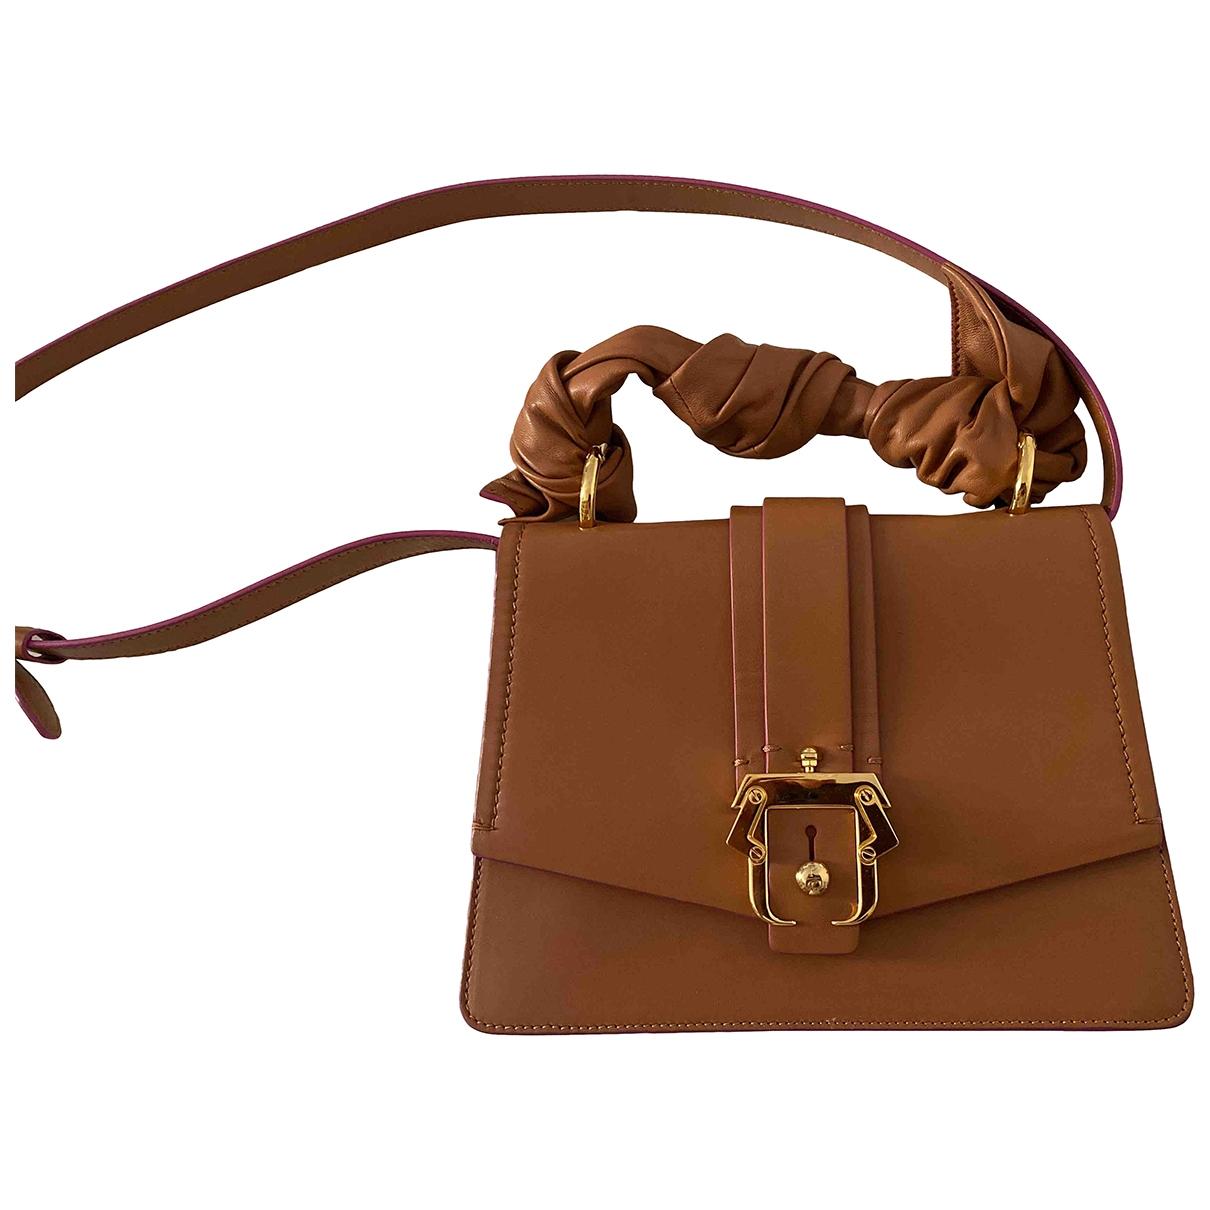 Paula Cademartori \N Camel Leather Clutch bag for Women \N